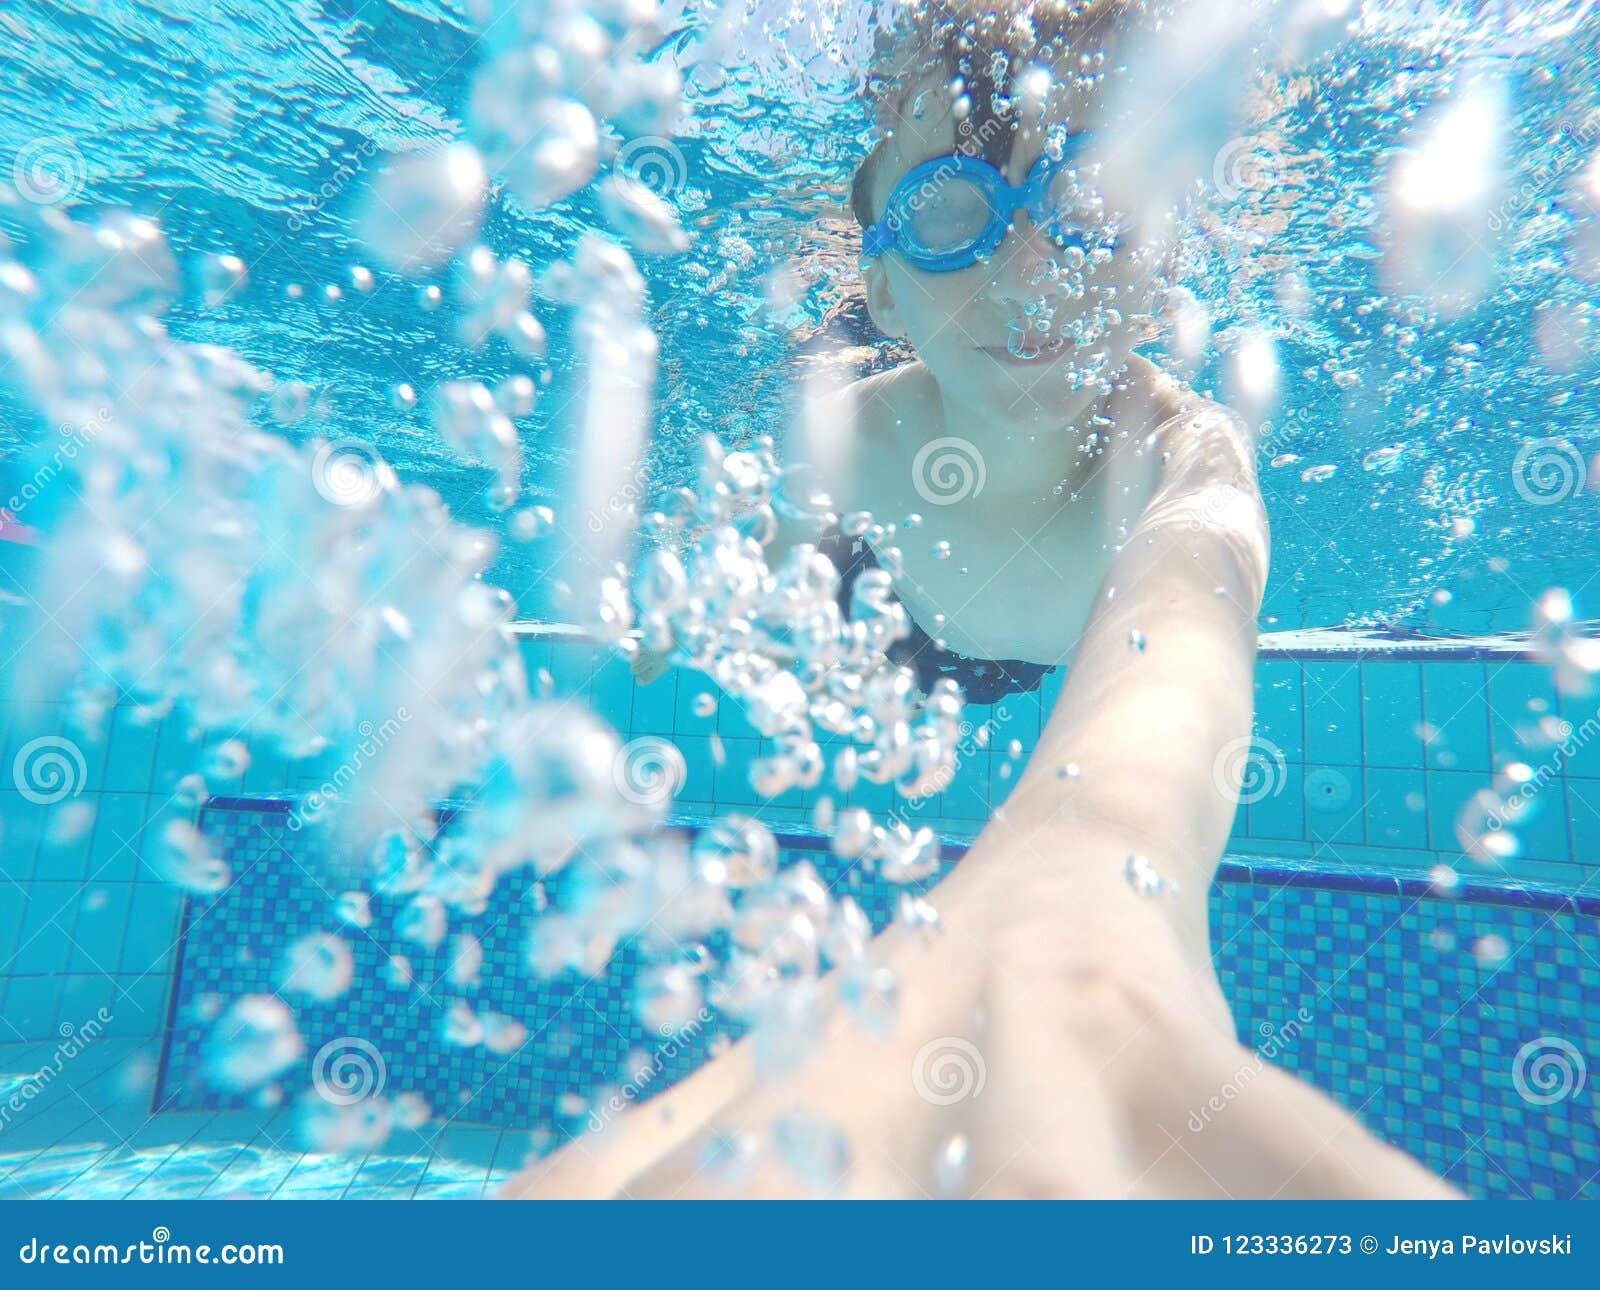 Мальчик плавает под водой в бассейне